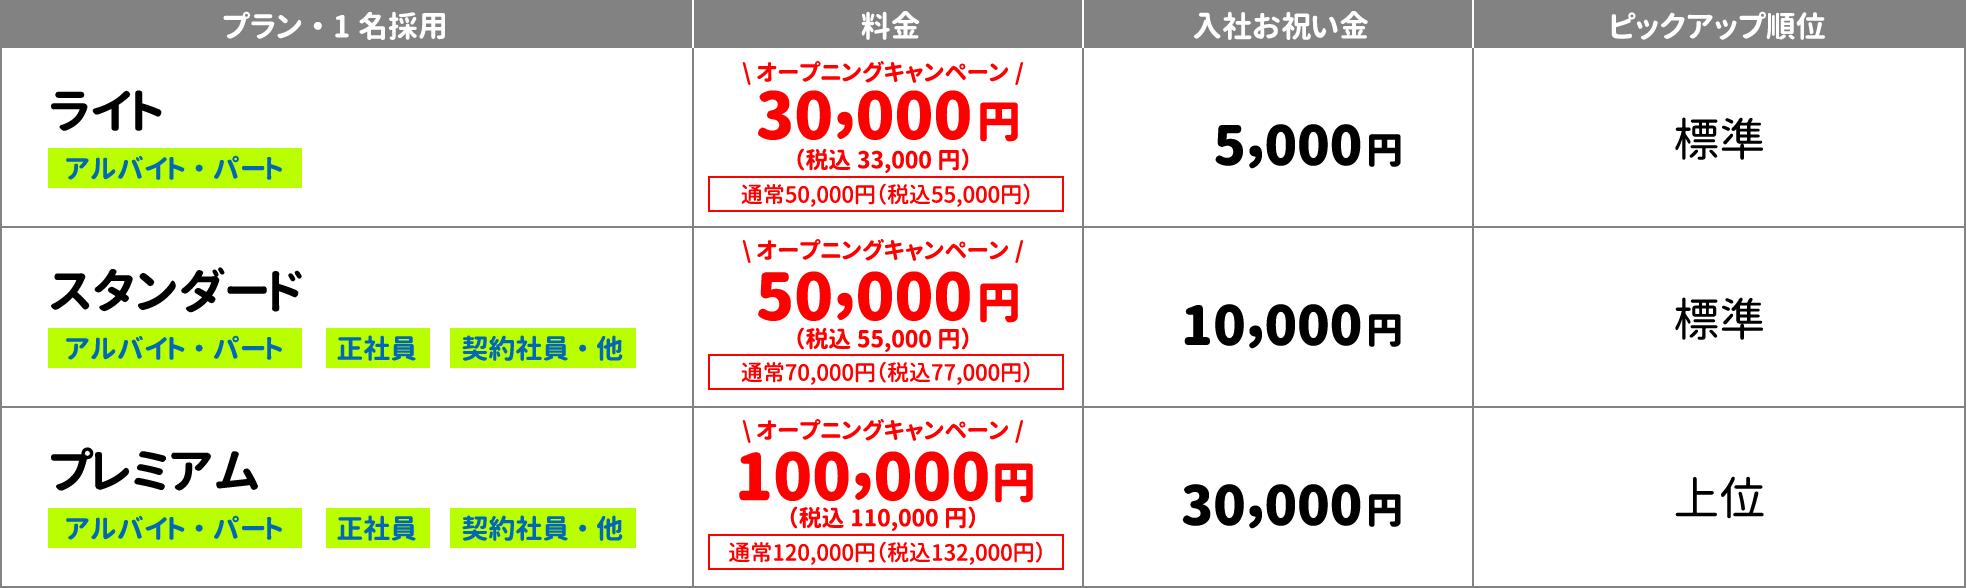 ライトプラン30,000円/スタンダードプラン50,000円/プレミアム100,000円